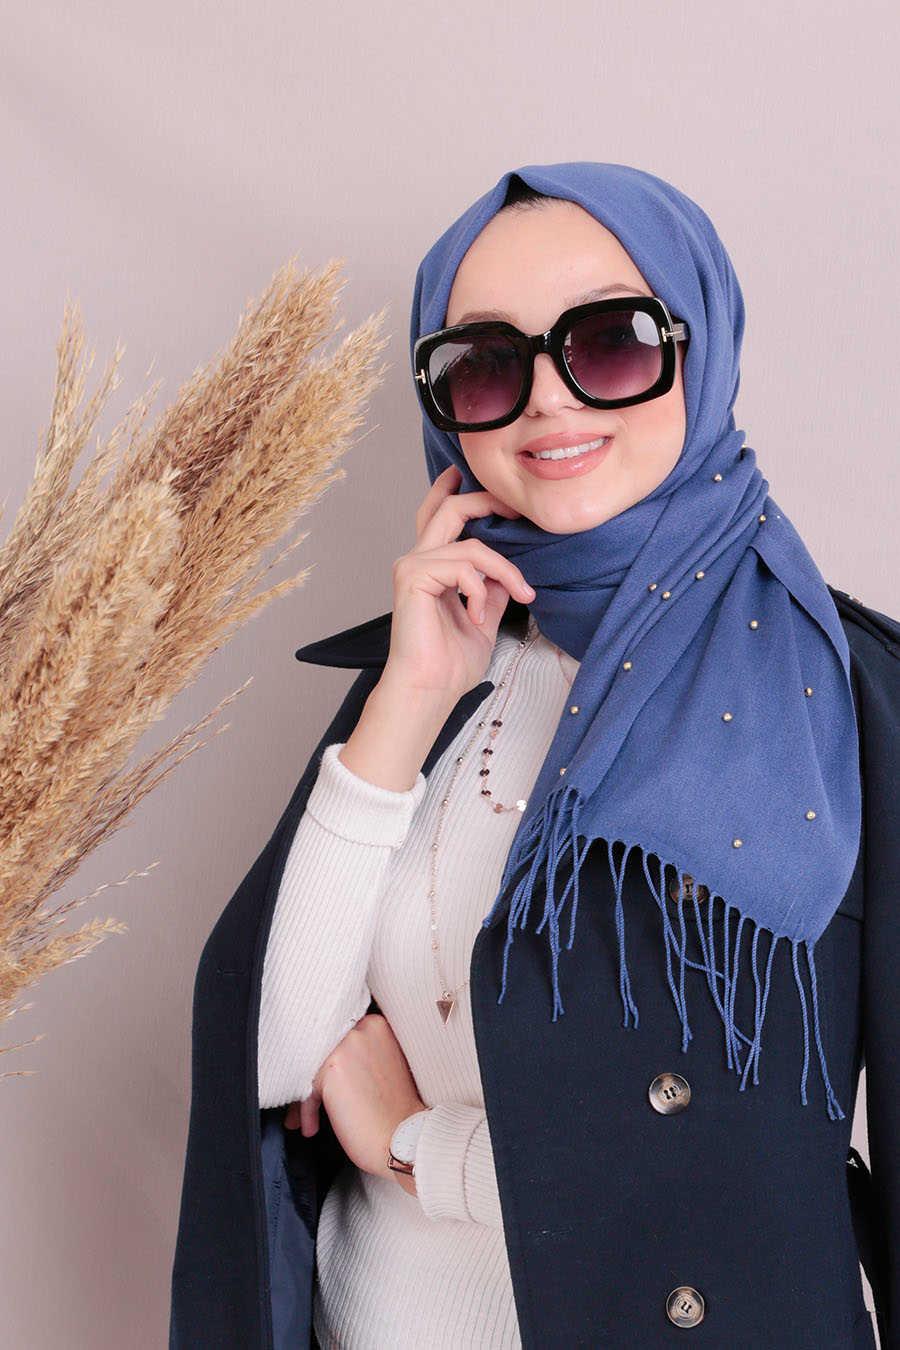 Shawl - Neva Style Indigo Blue Shawl 7492IM